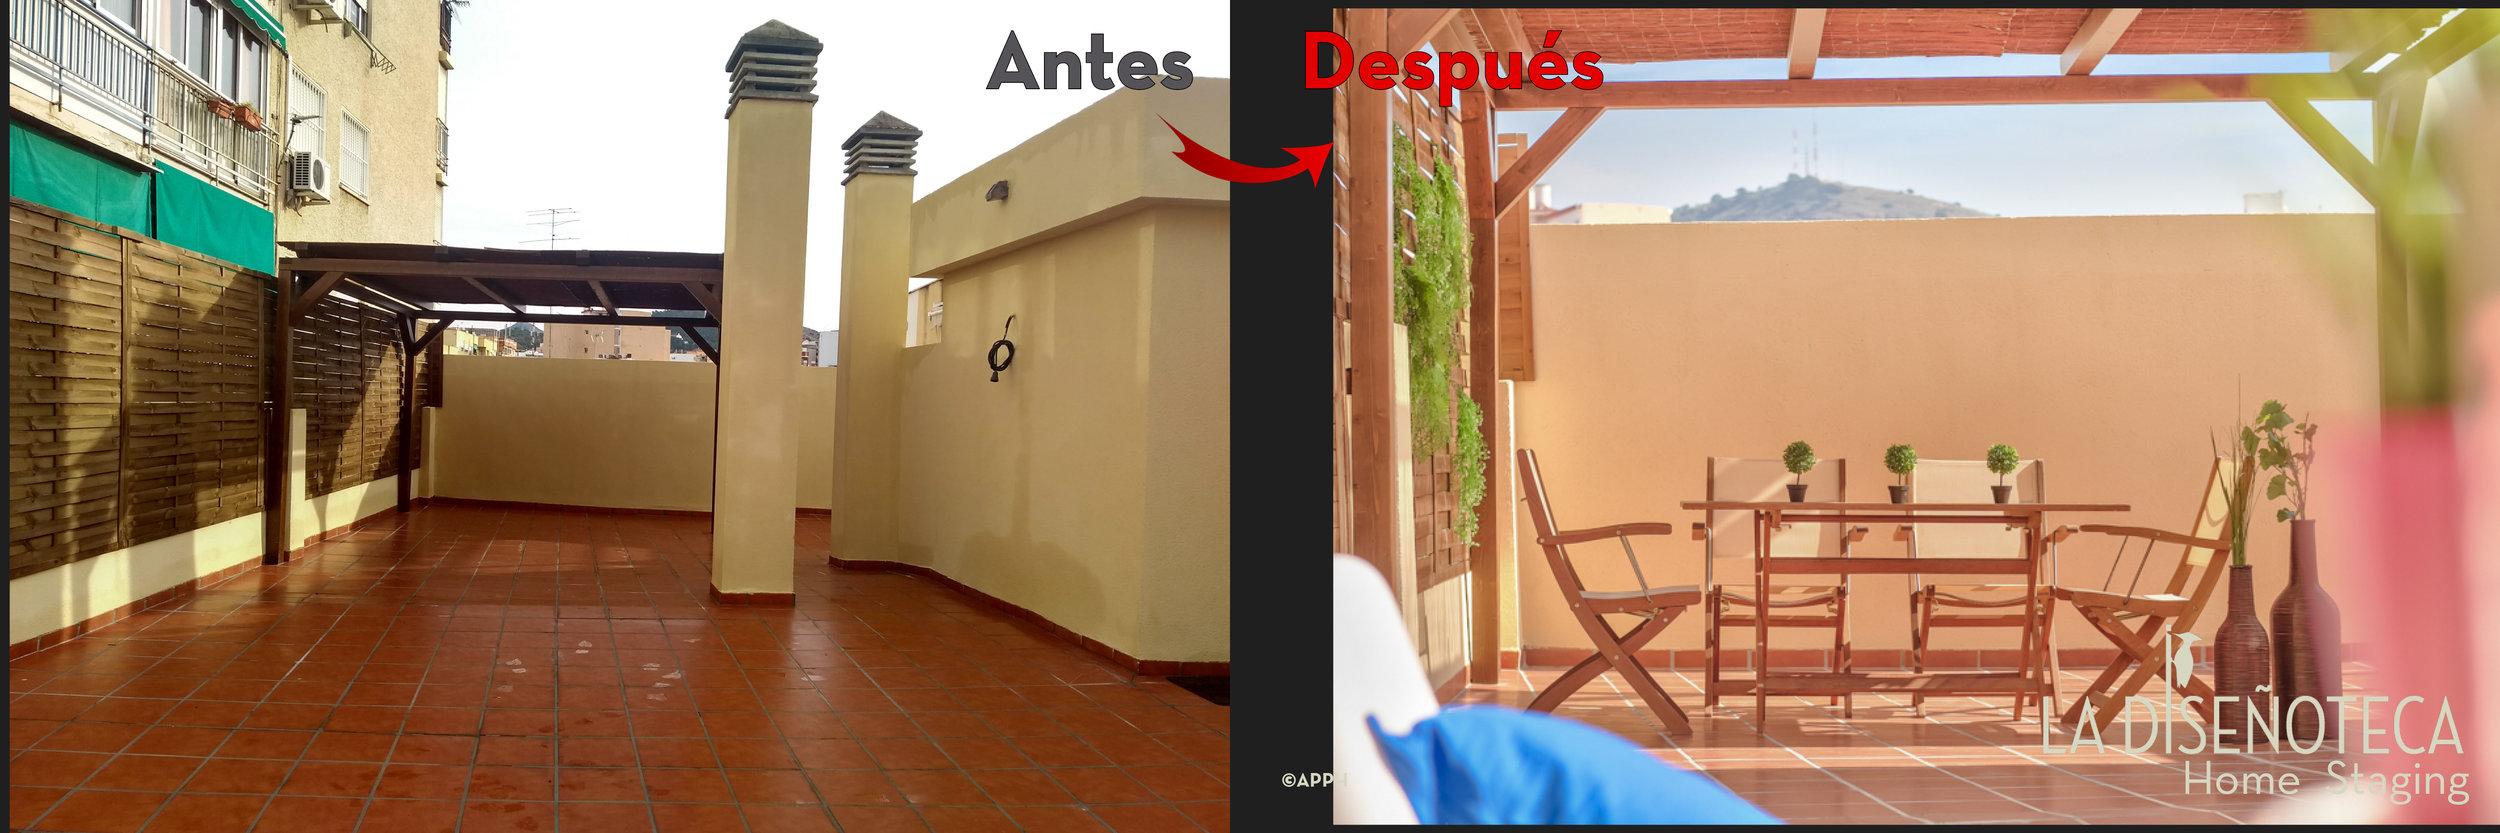 AntesyDespues Duque_7.jpg